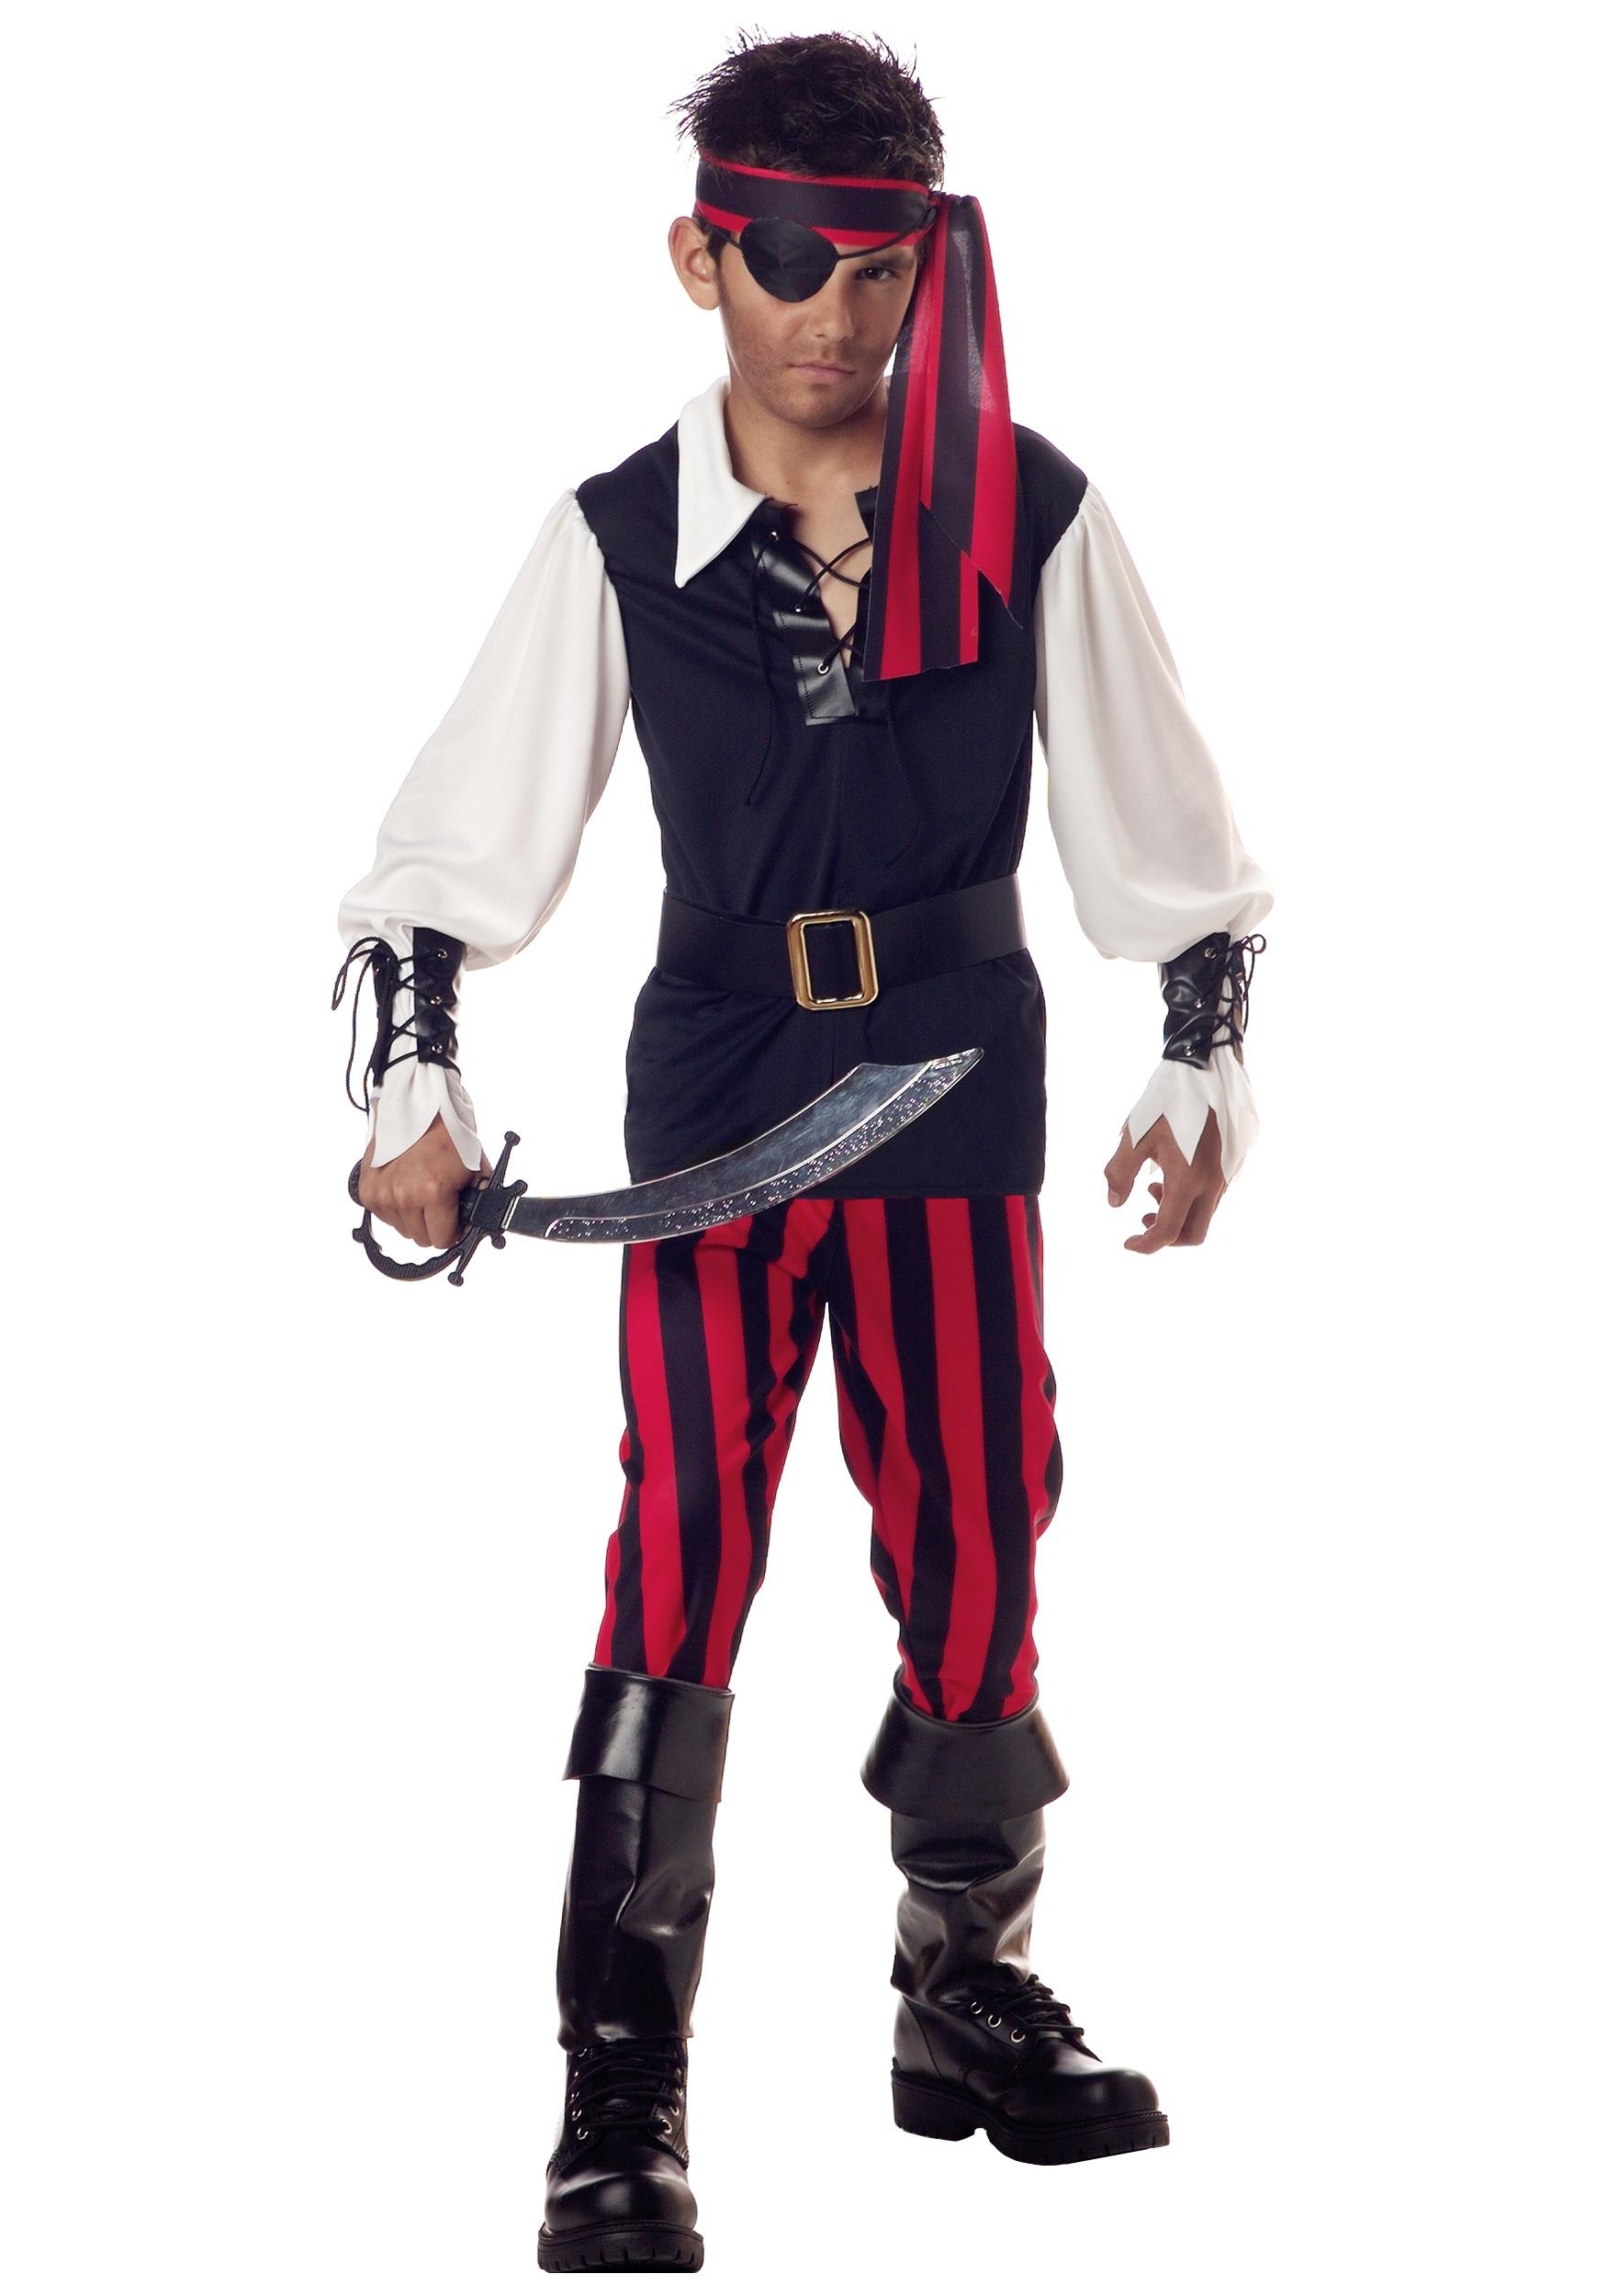 Kidu0026#39;s Cutthroat Pirate Costume | eBay